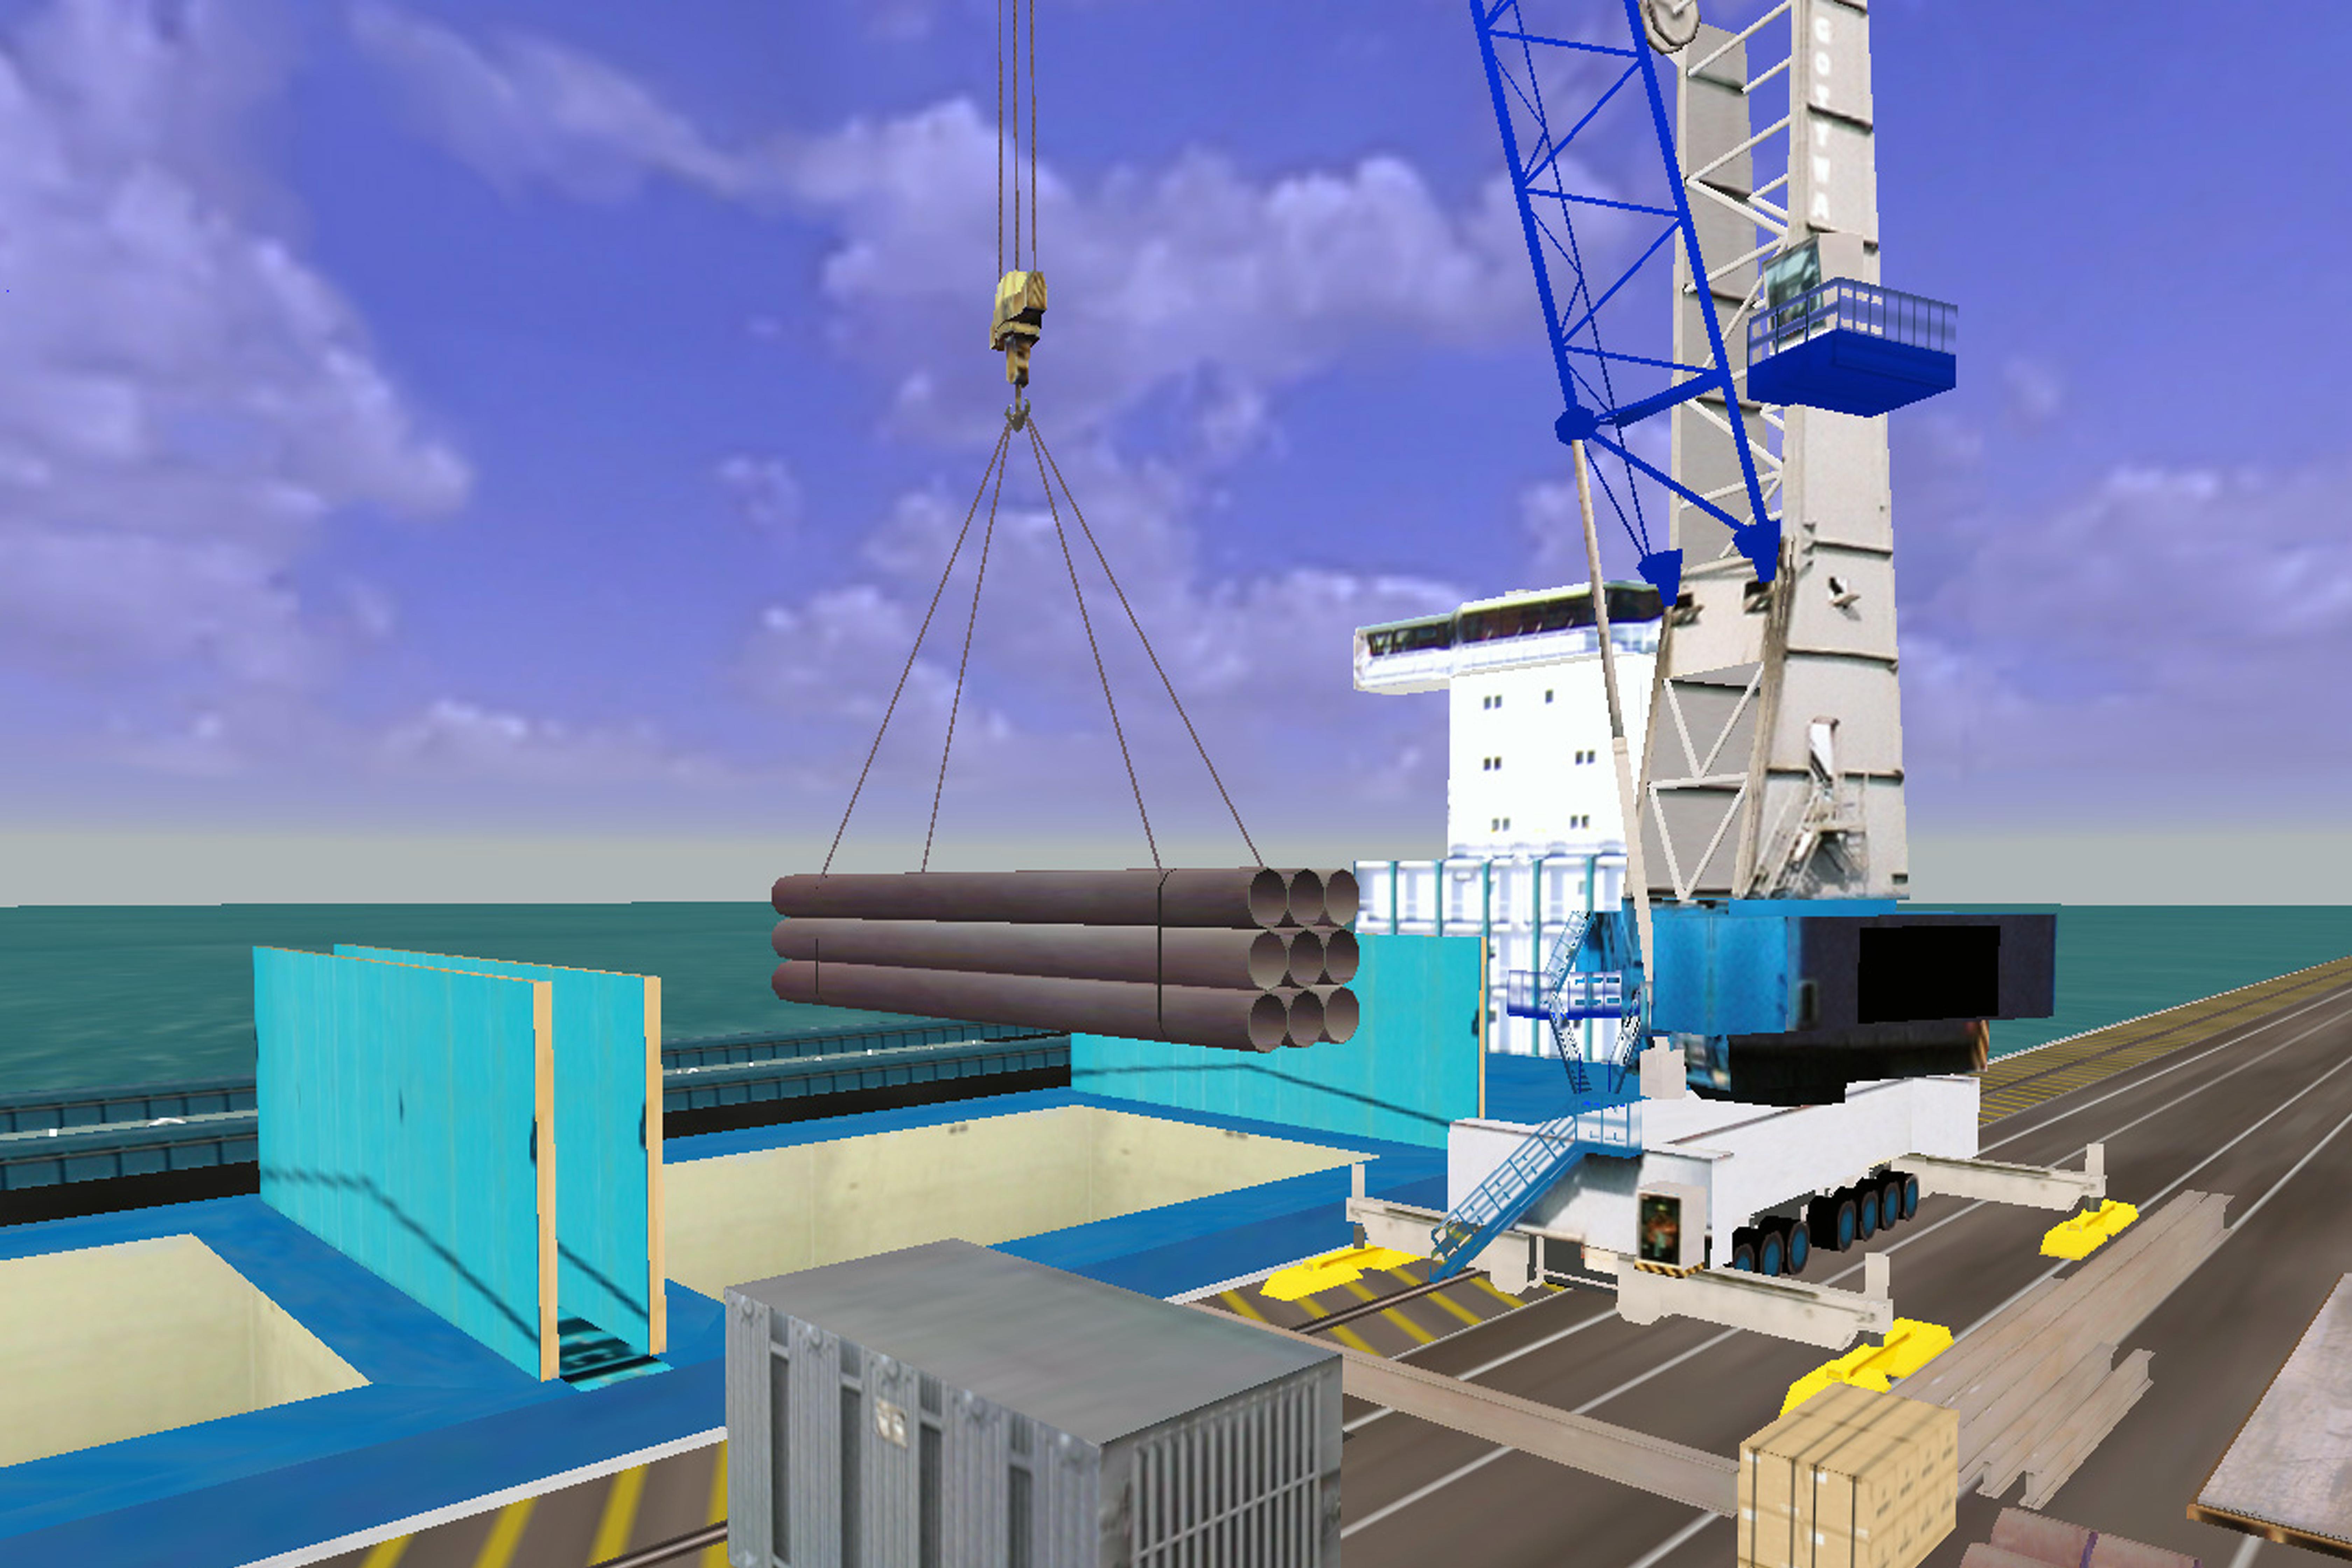 Mobile Harbour Crane Simulator